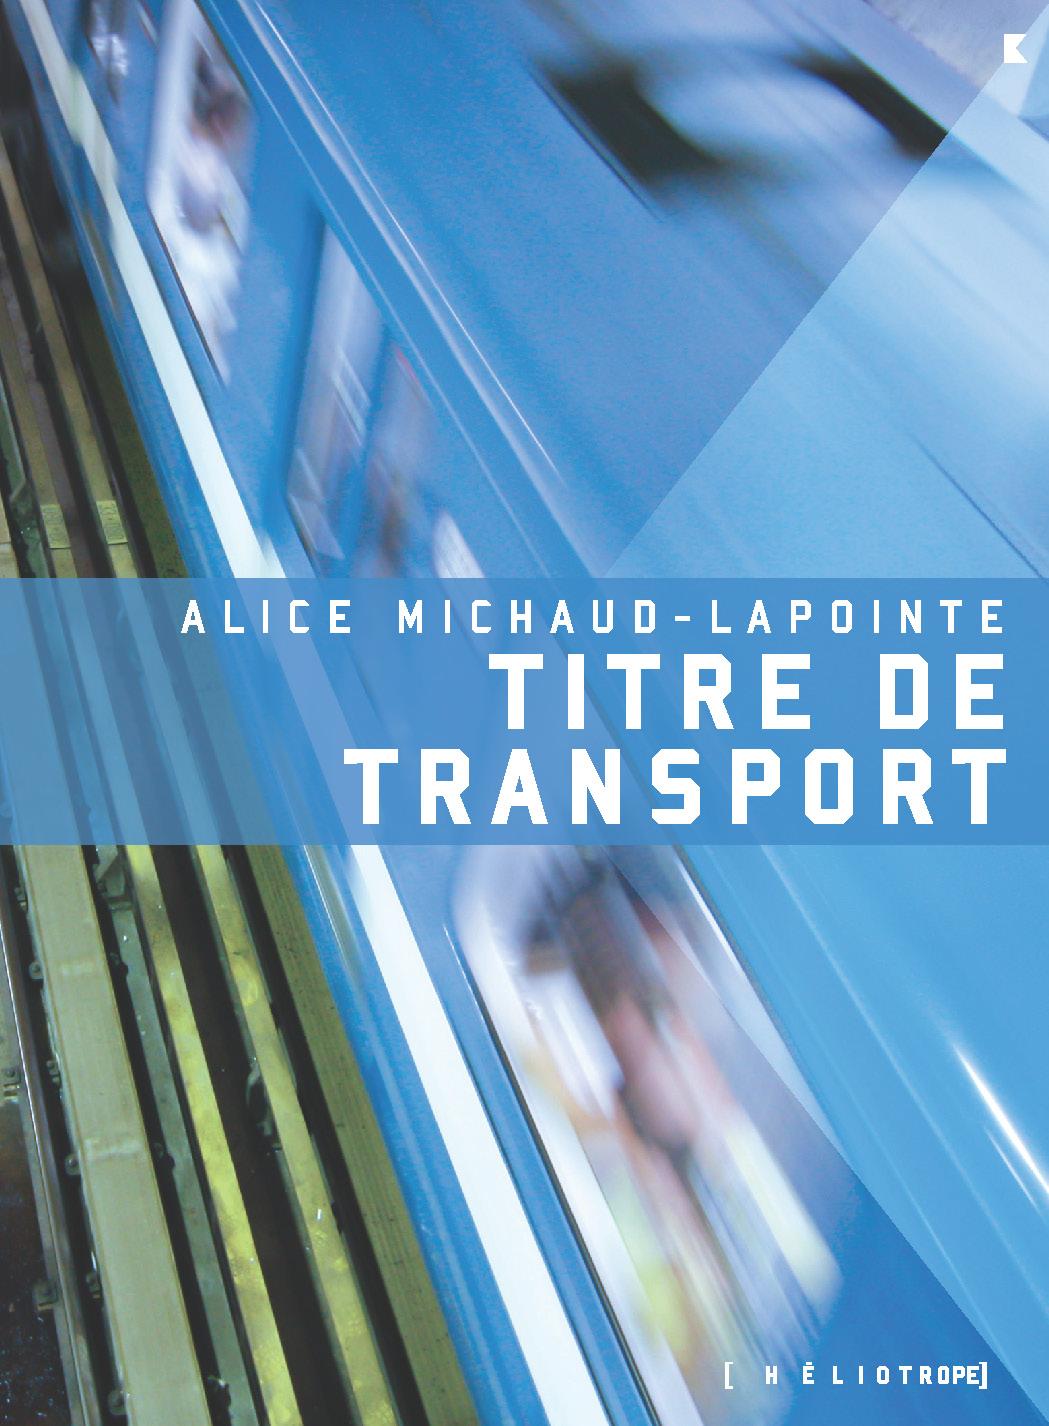 Couverture : Titre de transport Alice Michaud-lapointe